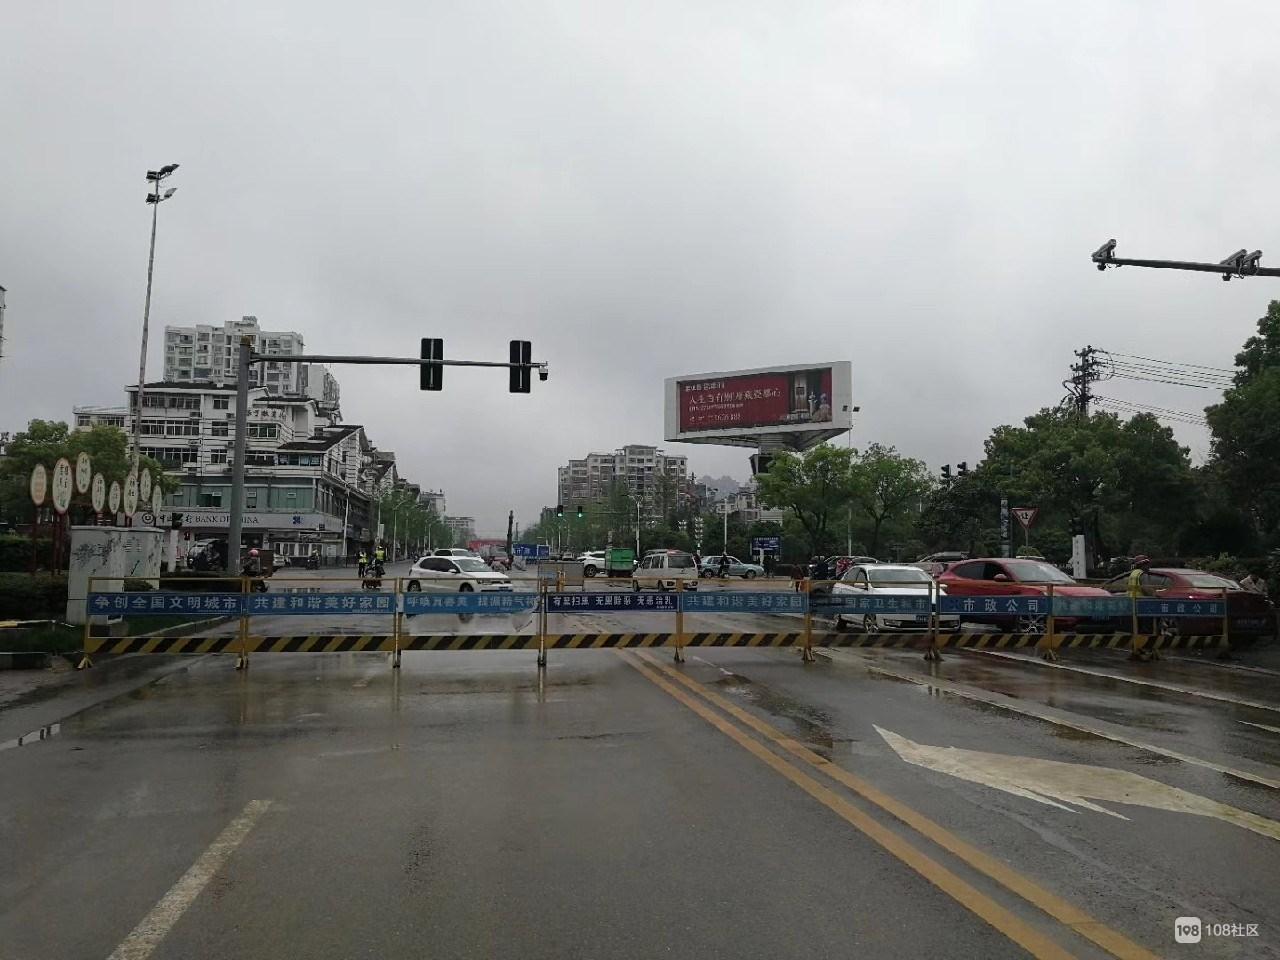 昌江广场路口封路、先锋十字路口大堵车!社友请注意绕行